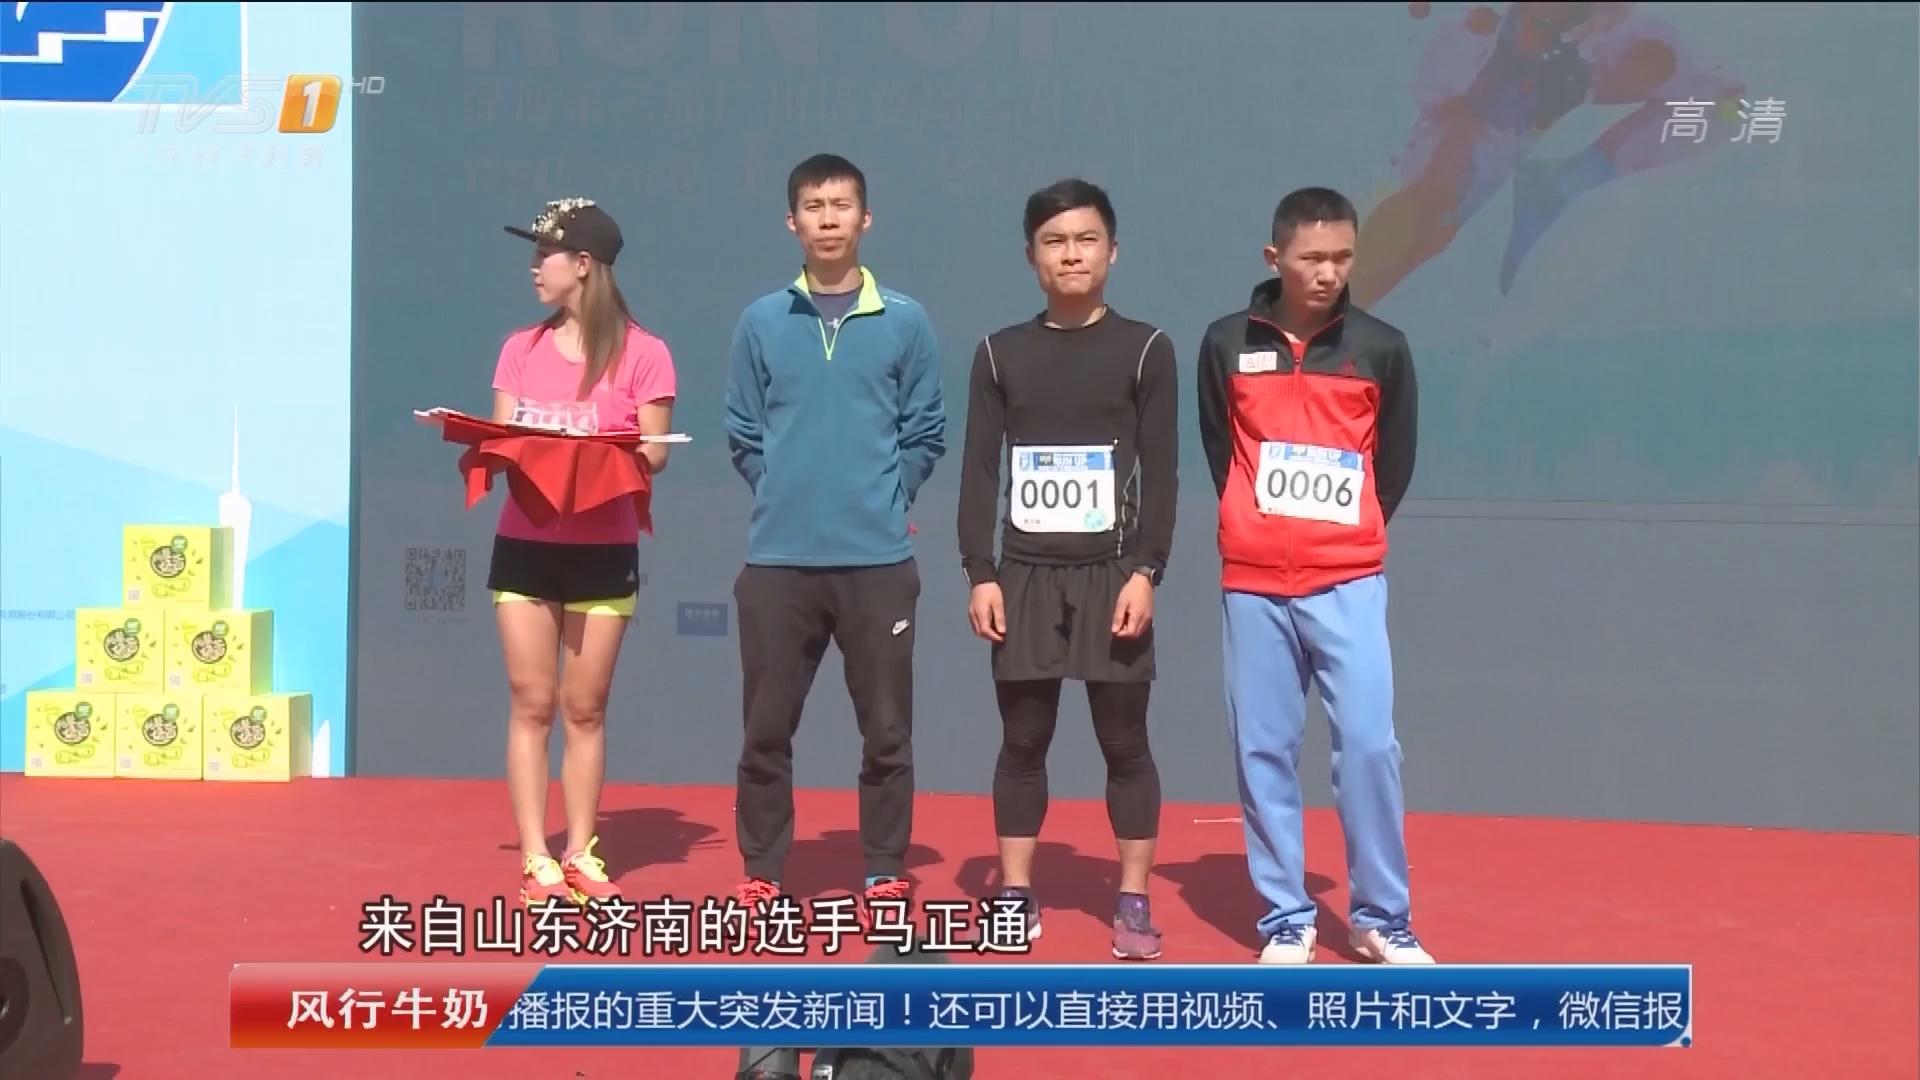 广州塔登高公开赛:22岁大学生刷新纪录夺冠